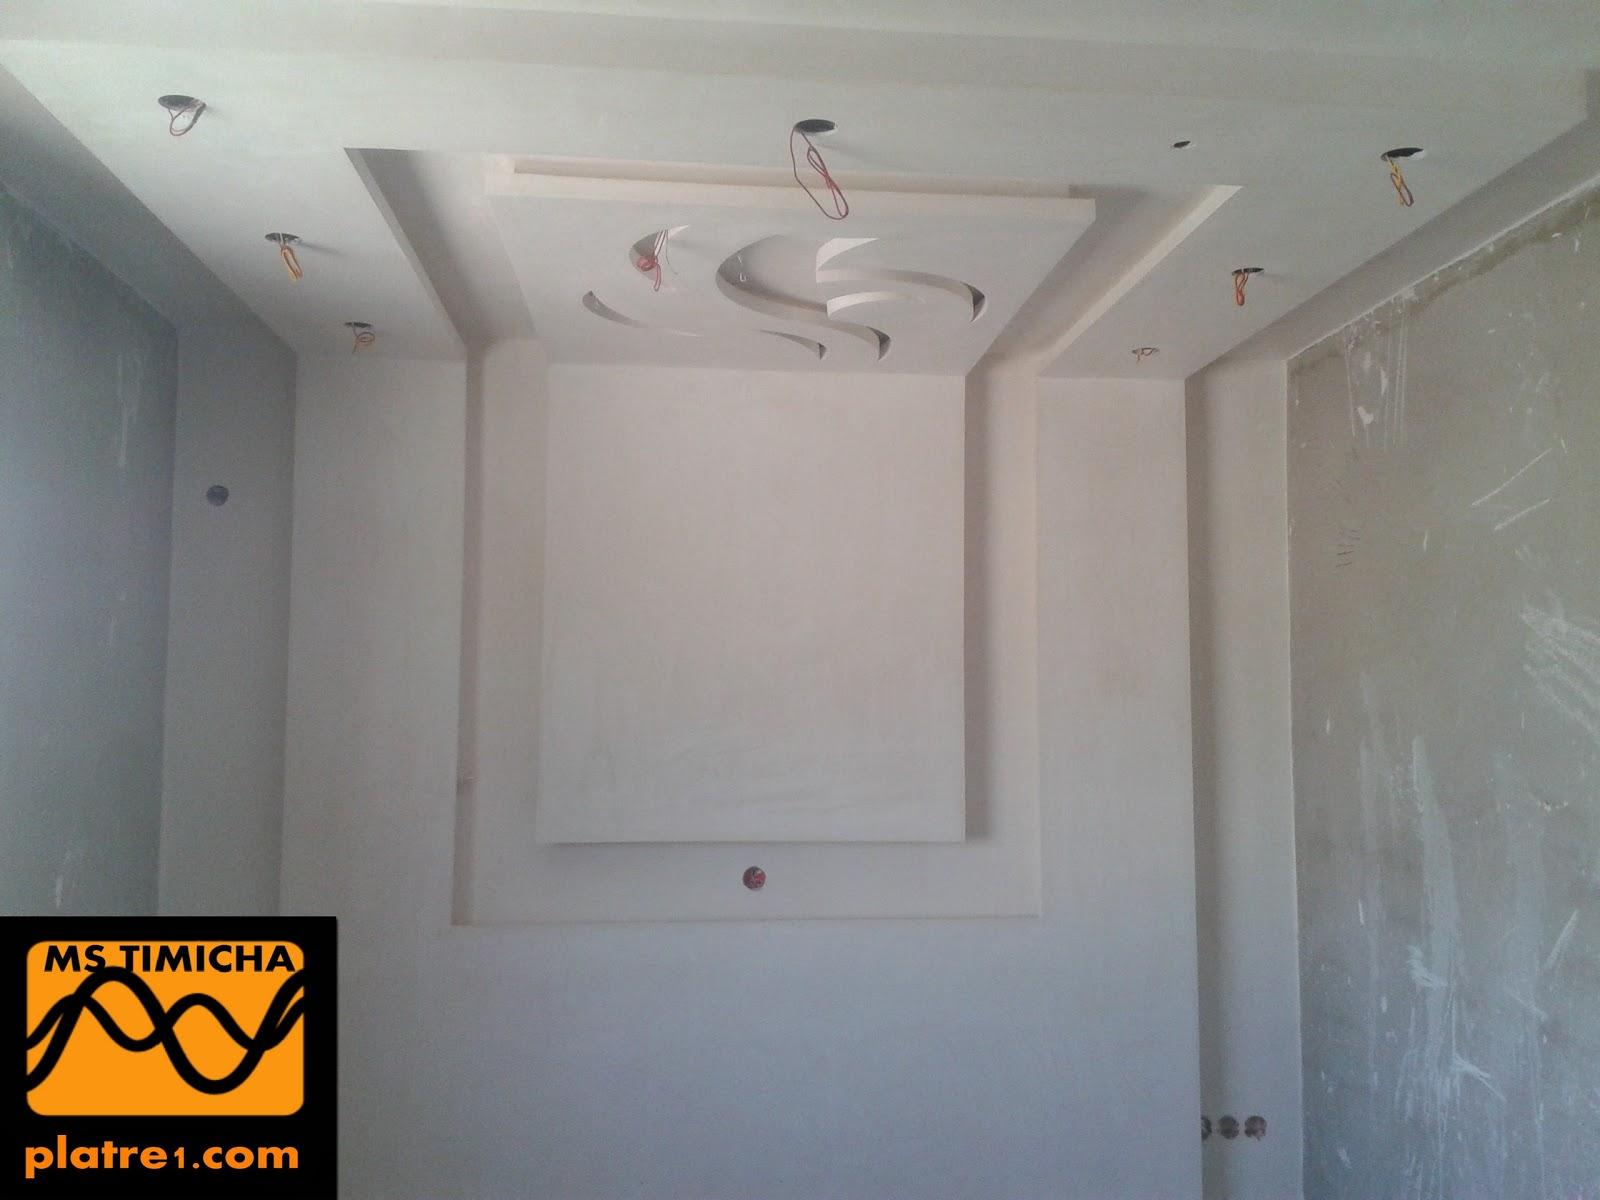 D coration chambre platre for Decoration faux plafond chambre